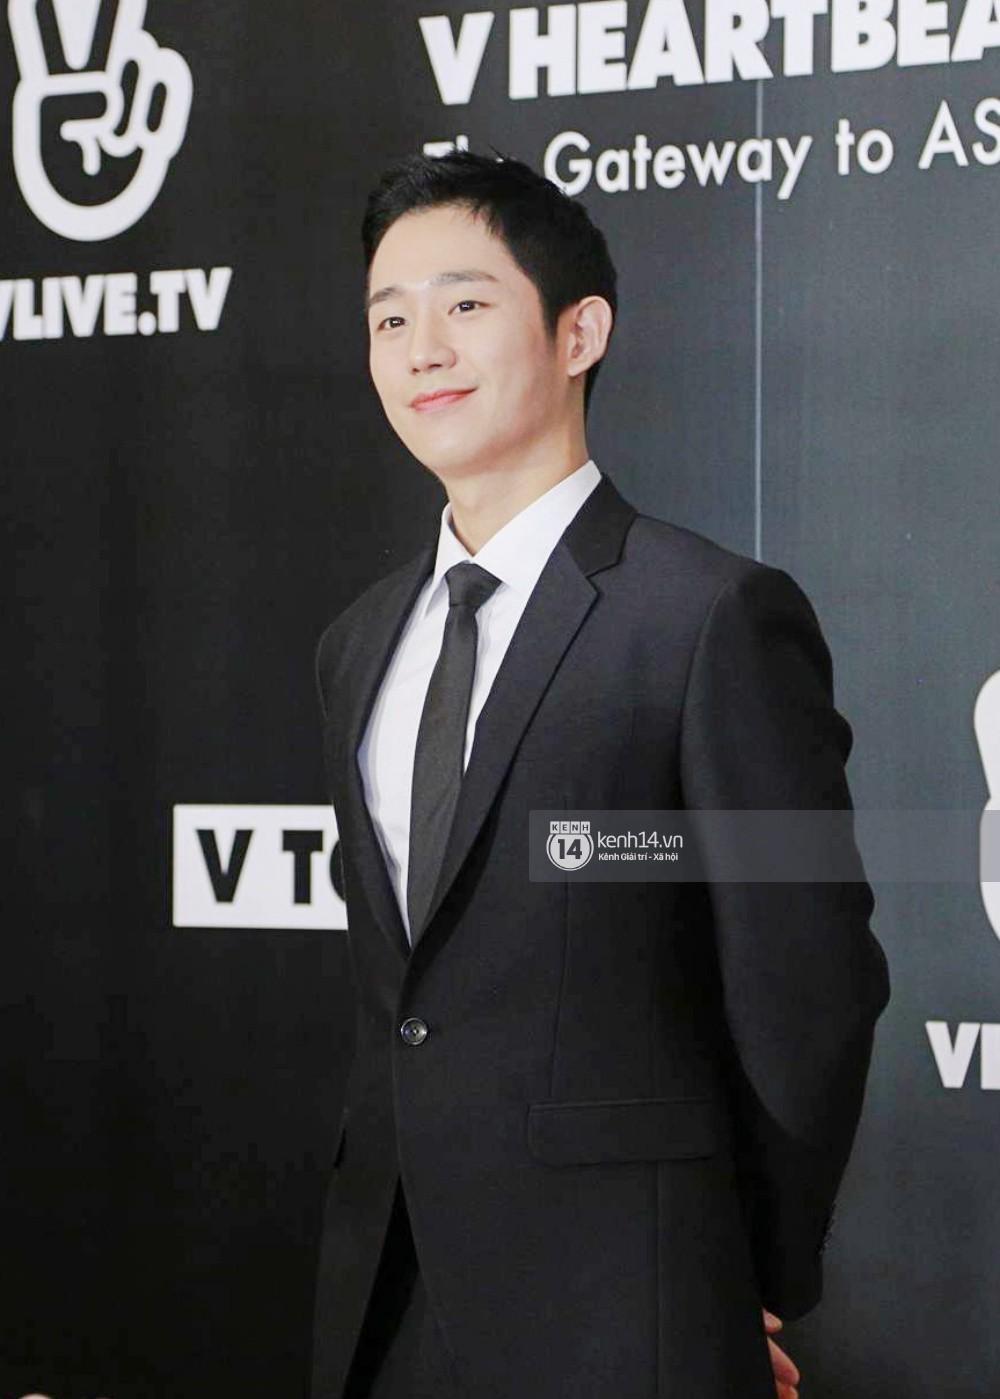 Thảm đỏ đêm nhạc Hàn-Việt: Jung Hae In, WINNER đẹp trai cực phẩm, Chi Pu và Hòa Minzy đọ sắc cùng loạt sao Việt - Ảnh 6.